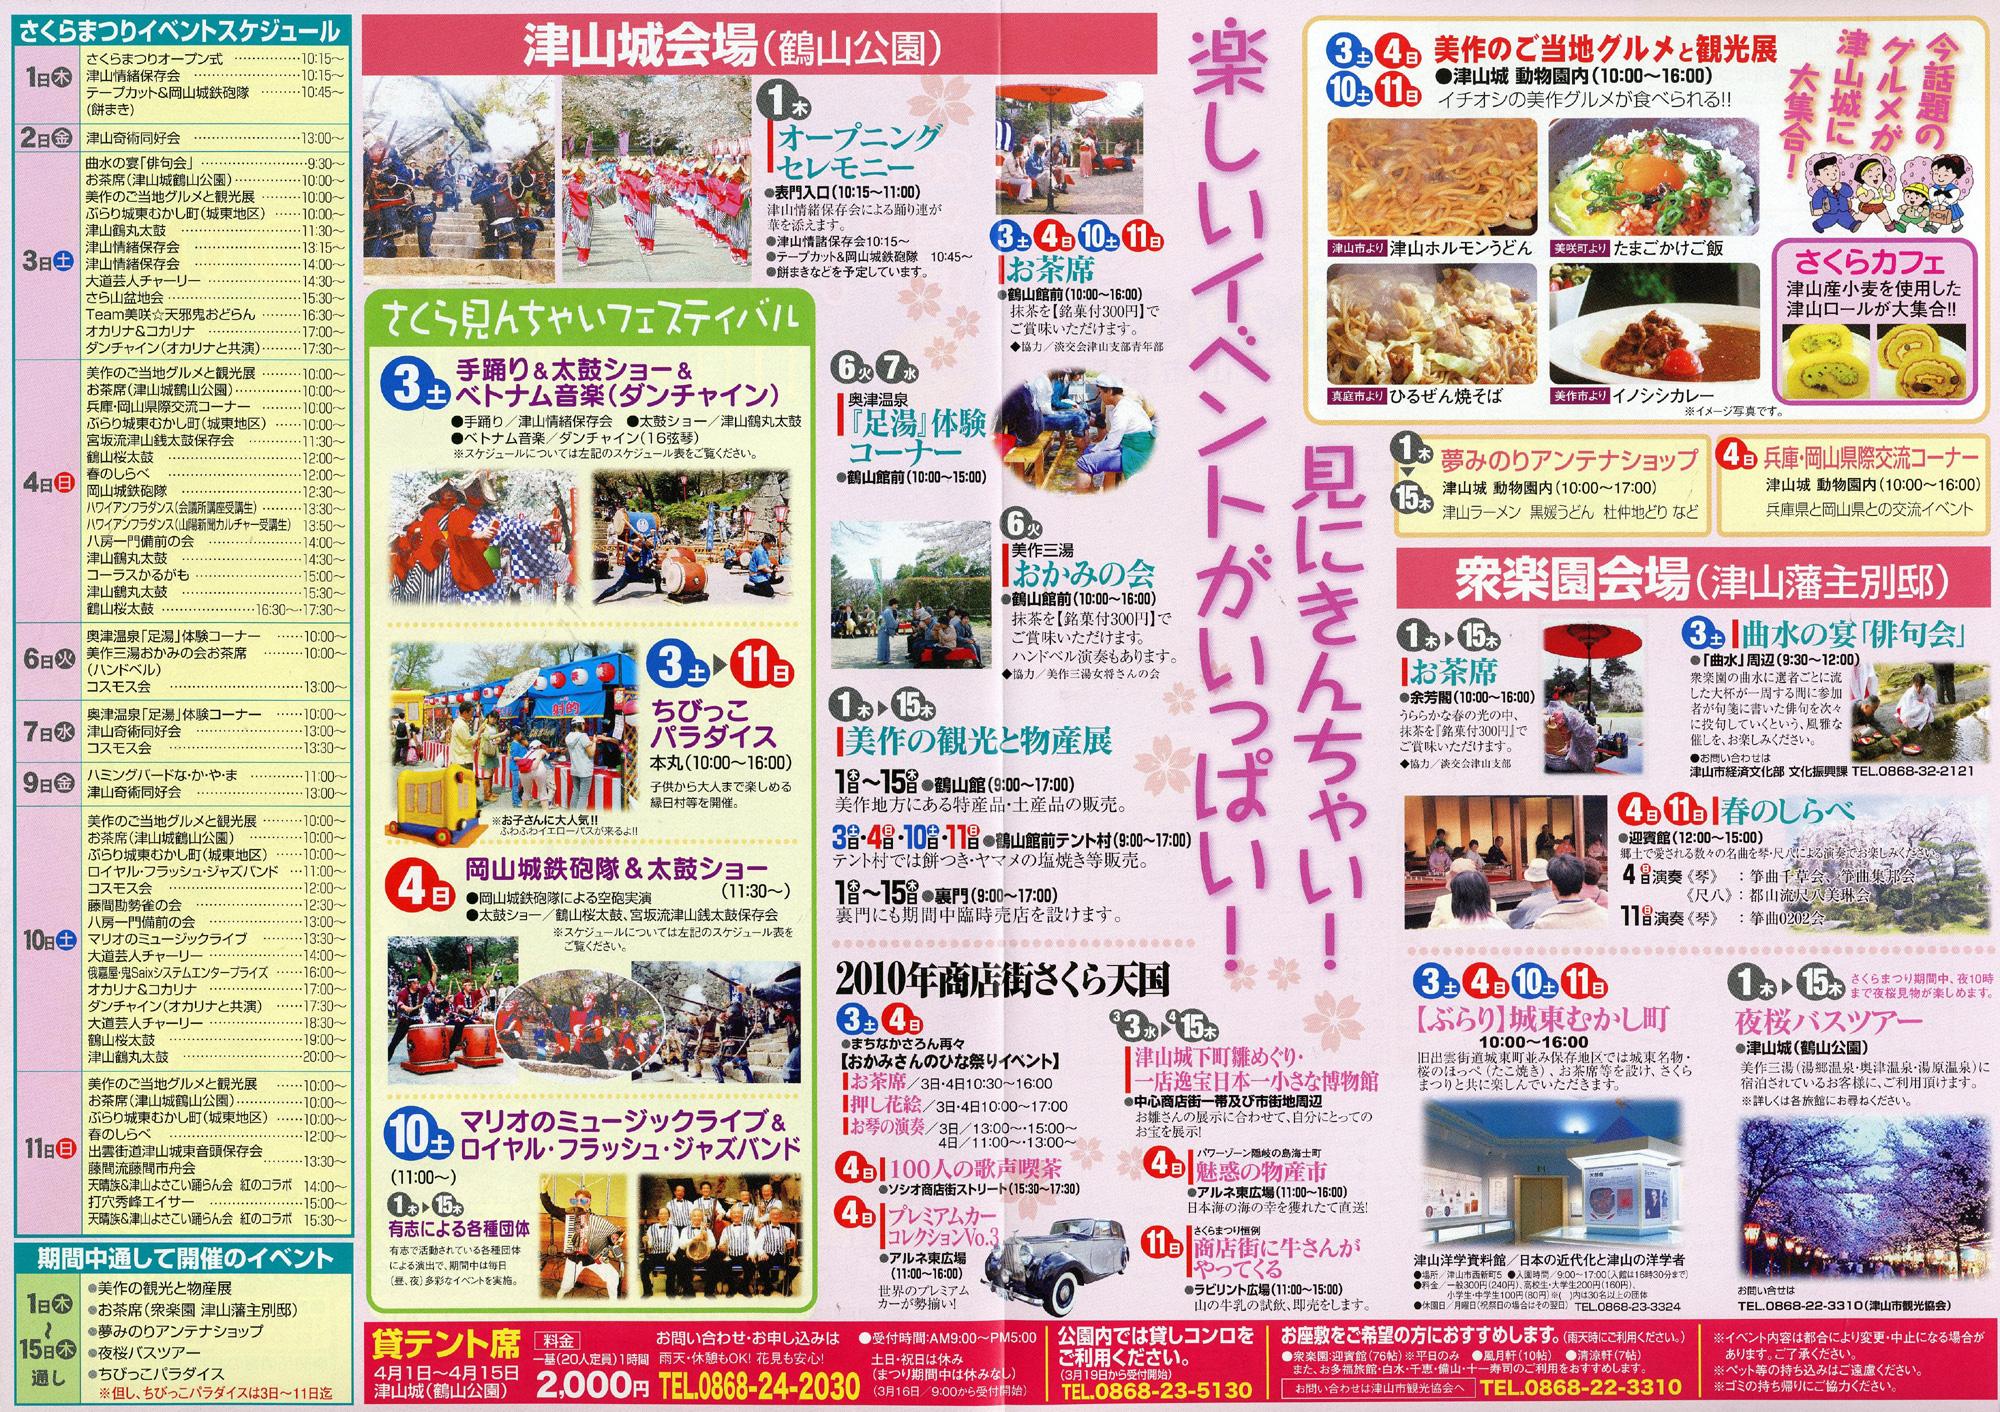 津山鶴山公園の「津山さくらまつり」